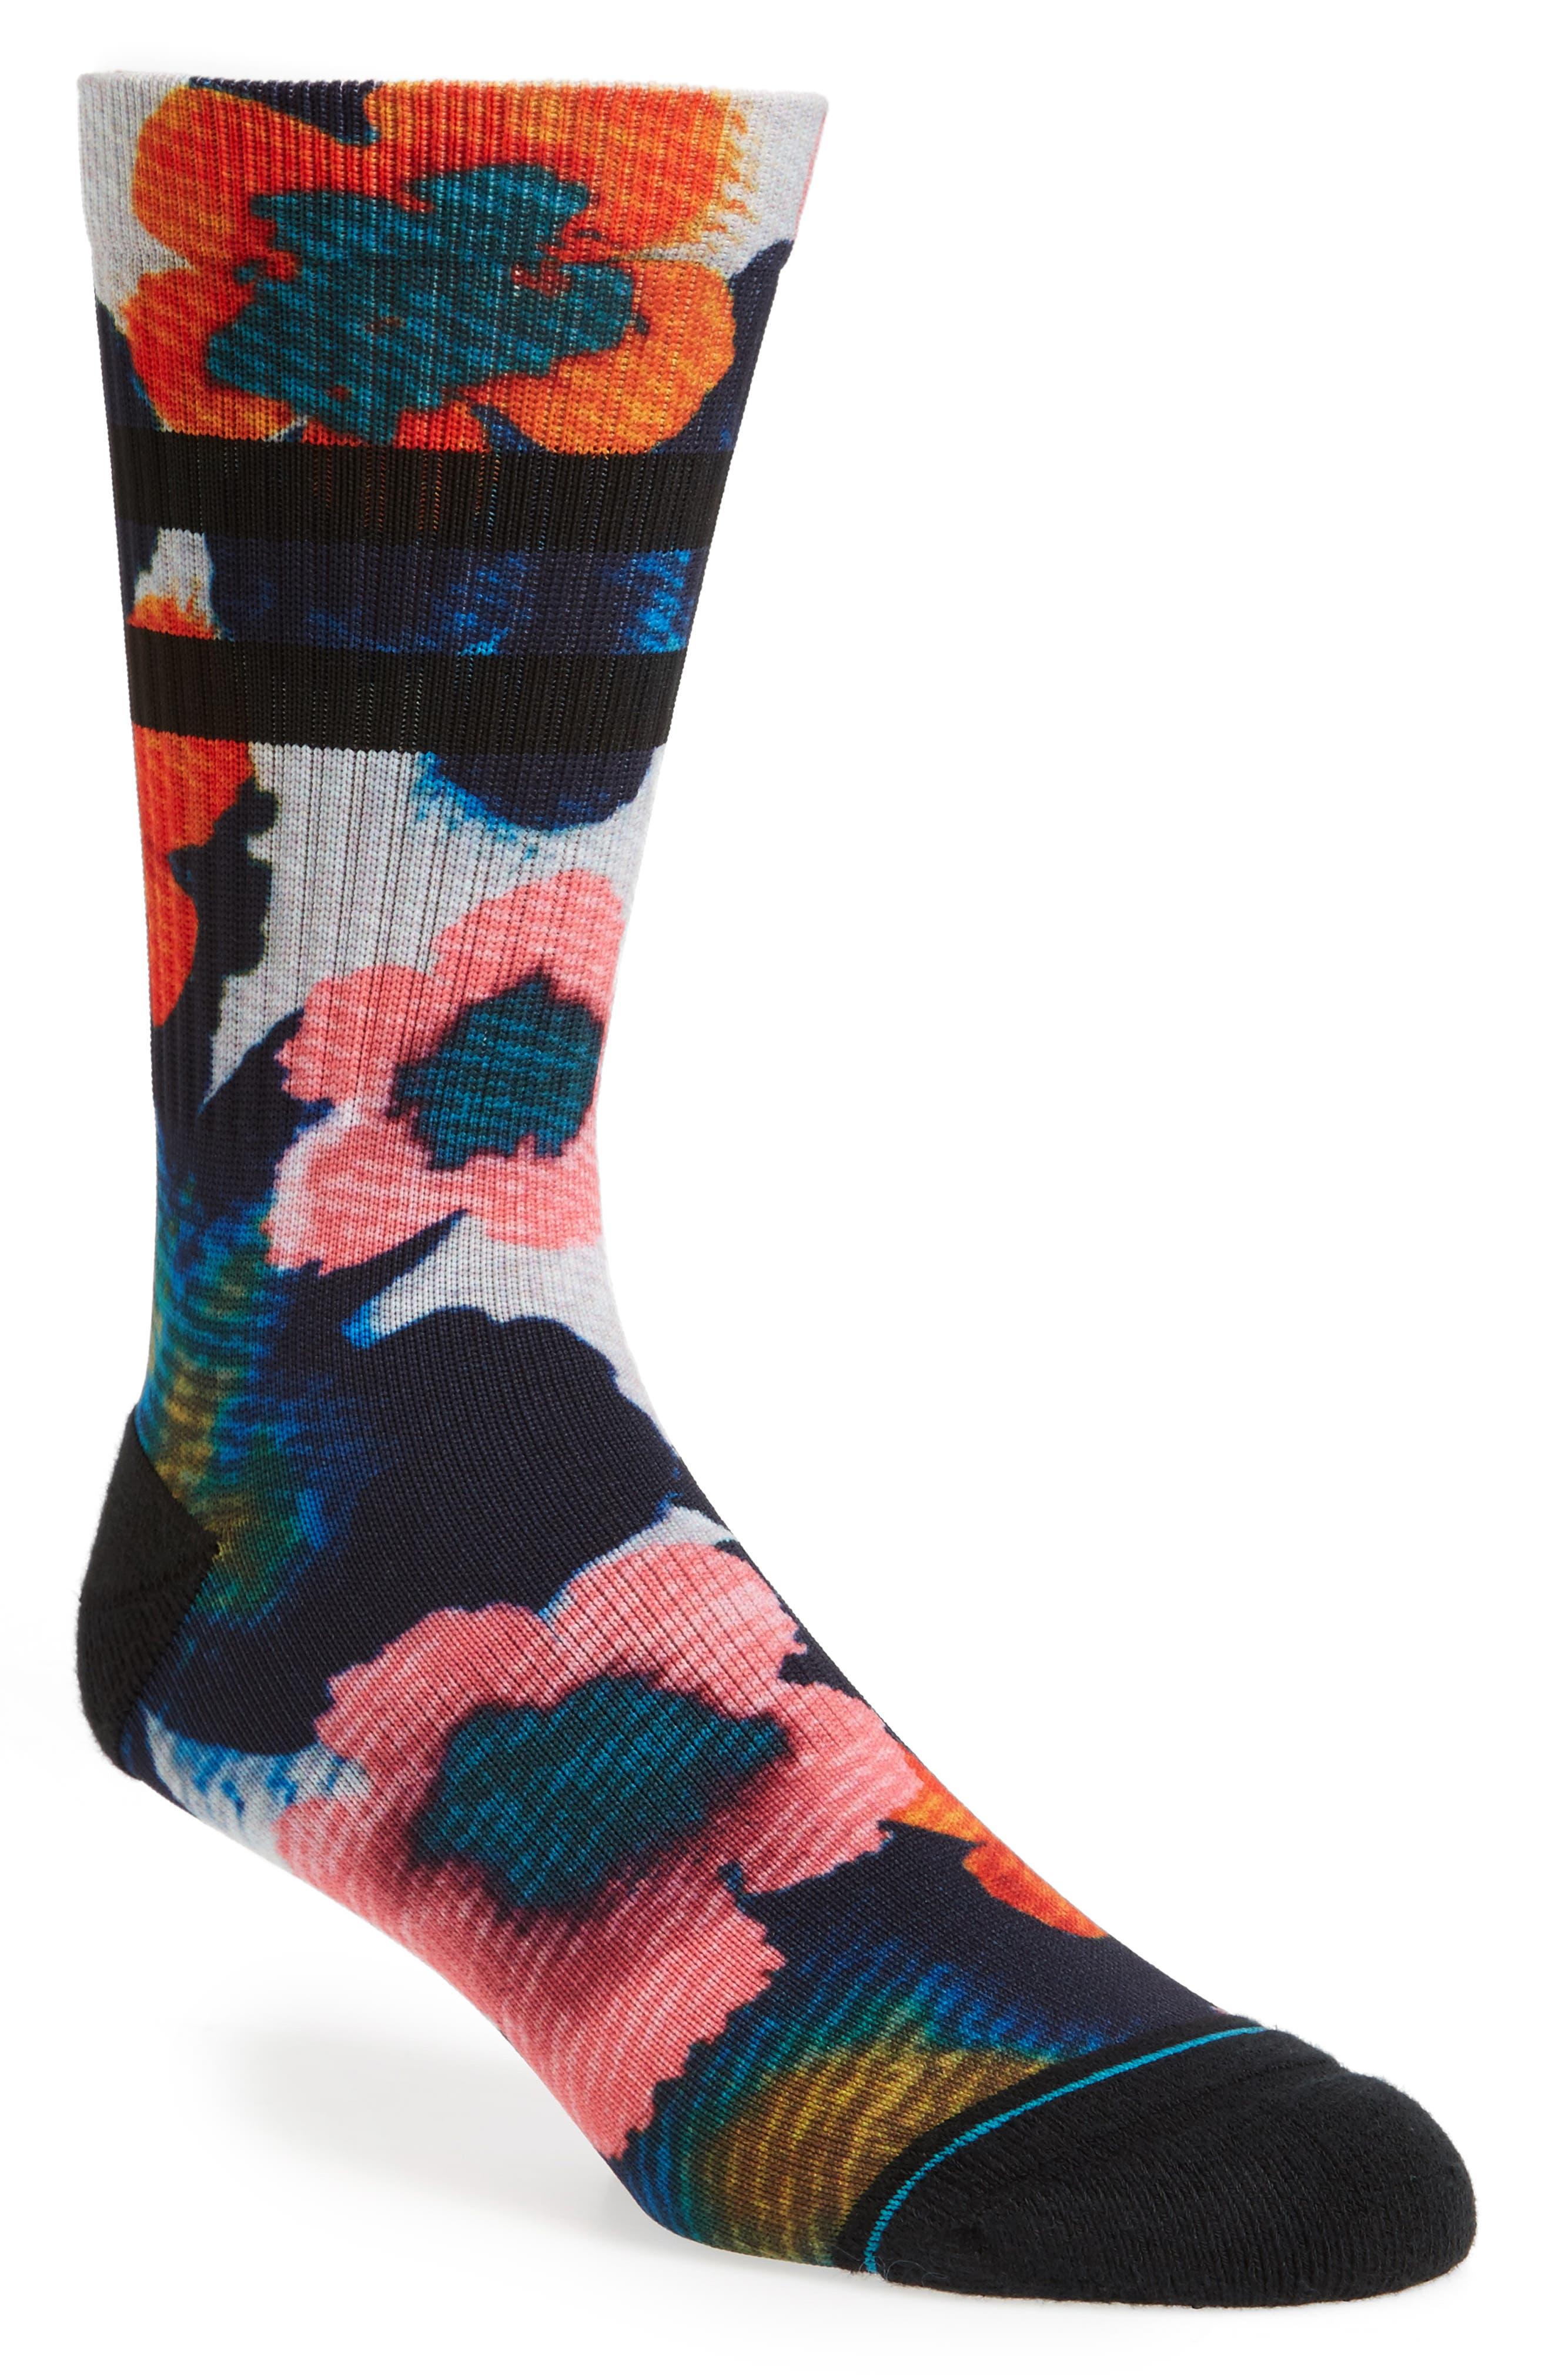 Frangipani Floral Socks,                         Main,                         color, Black/ Orange Multi